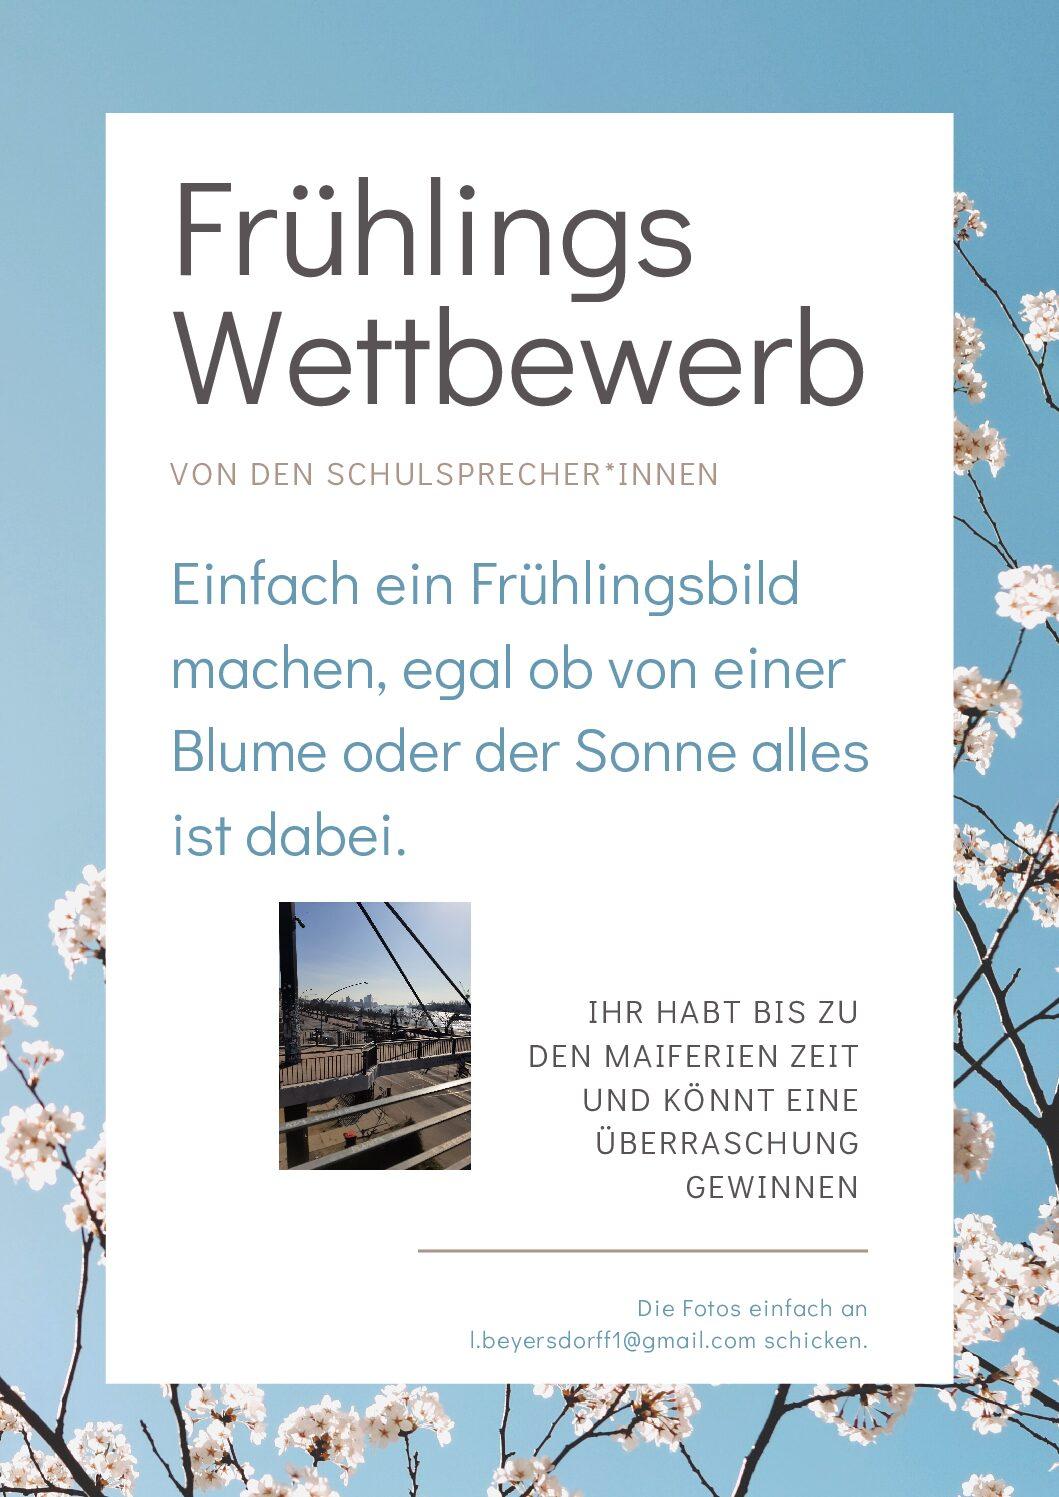 Frühlingswettbewerb – Schick uns dein schönstes Frühlingsbild und gewinne!